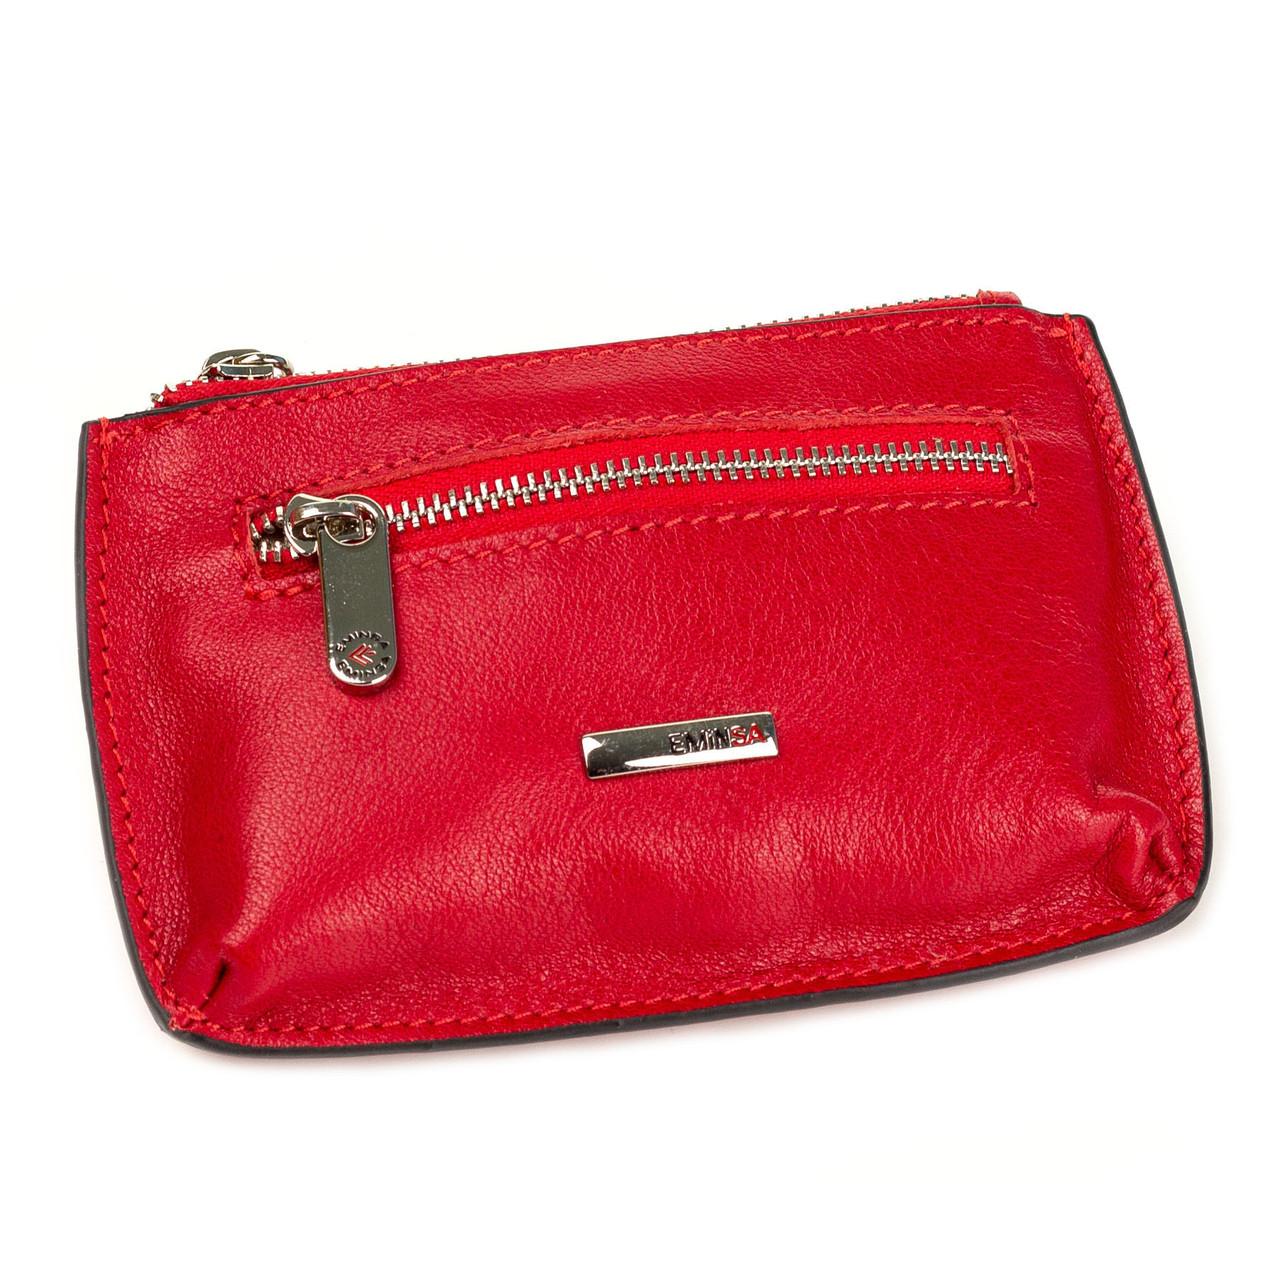 Міні гаманець шкіряний Eminsa 1604-18-5 червоний